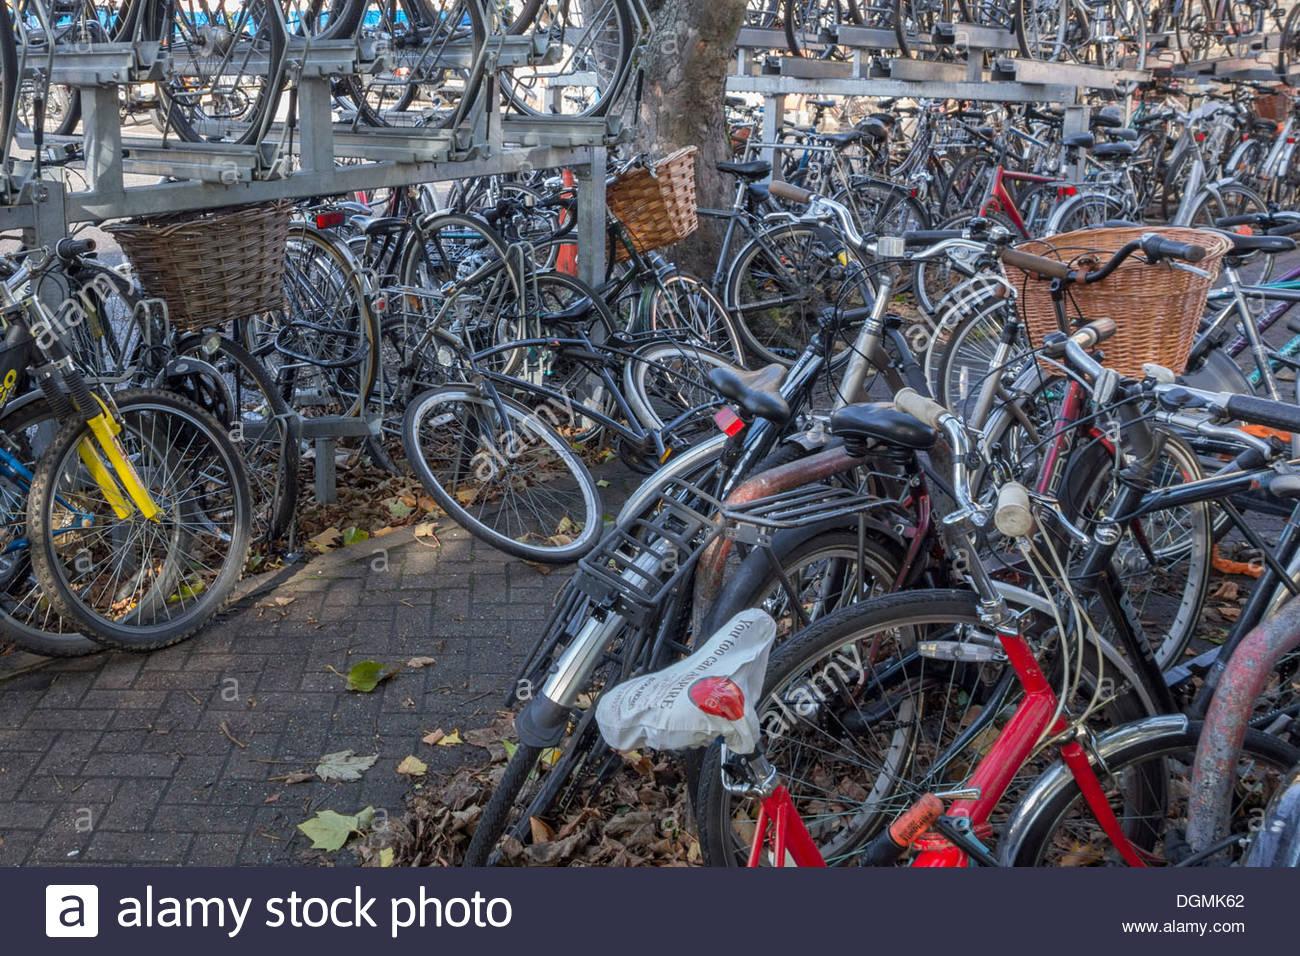 Caotico parcheggio biciclette a Cambridge stazione ferroviaria Immagini Stock